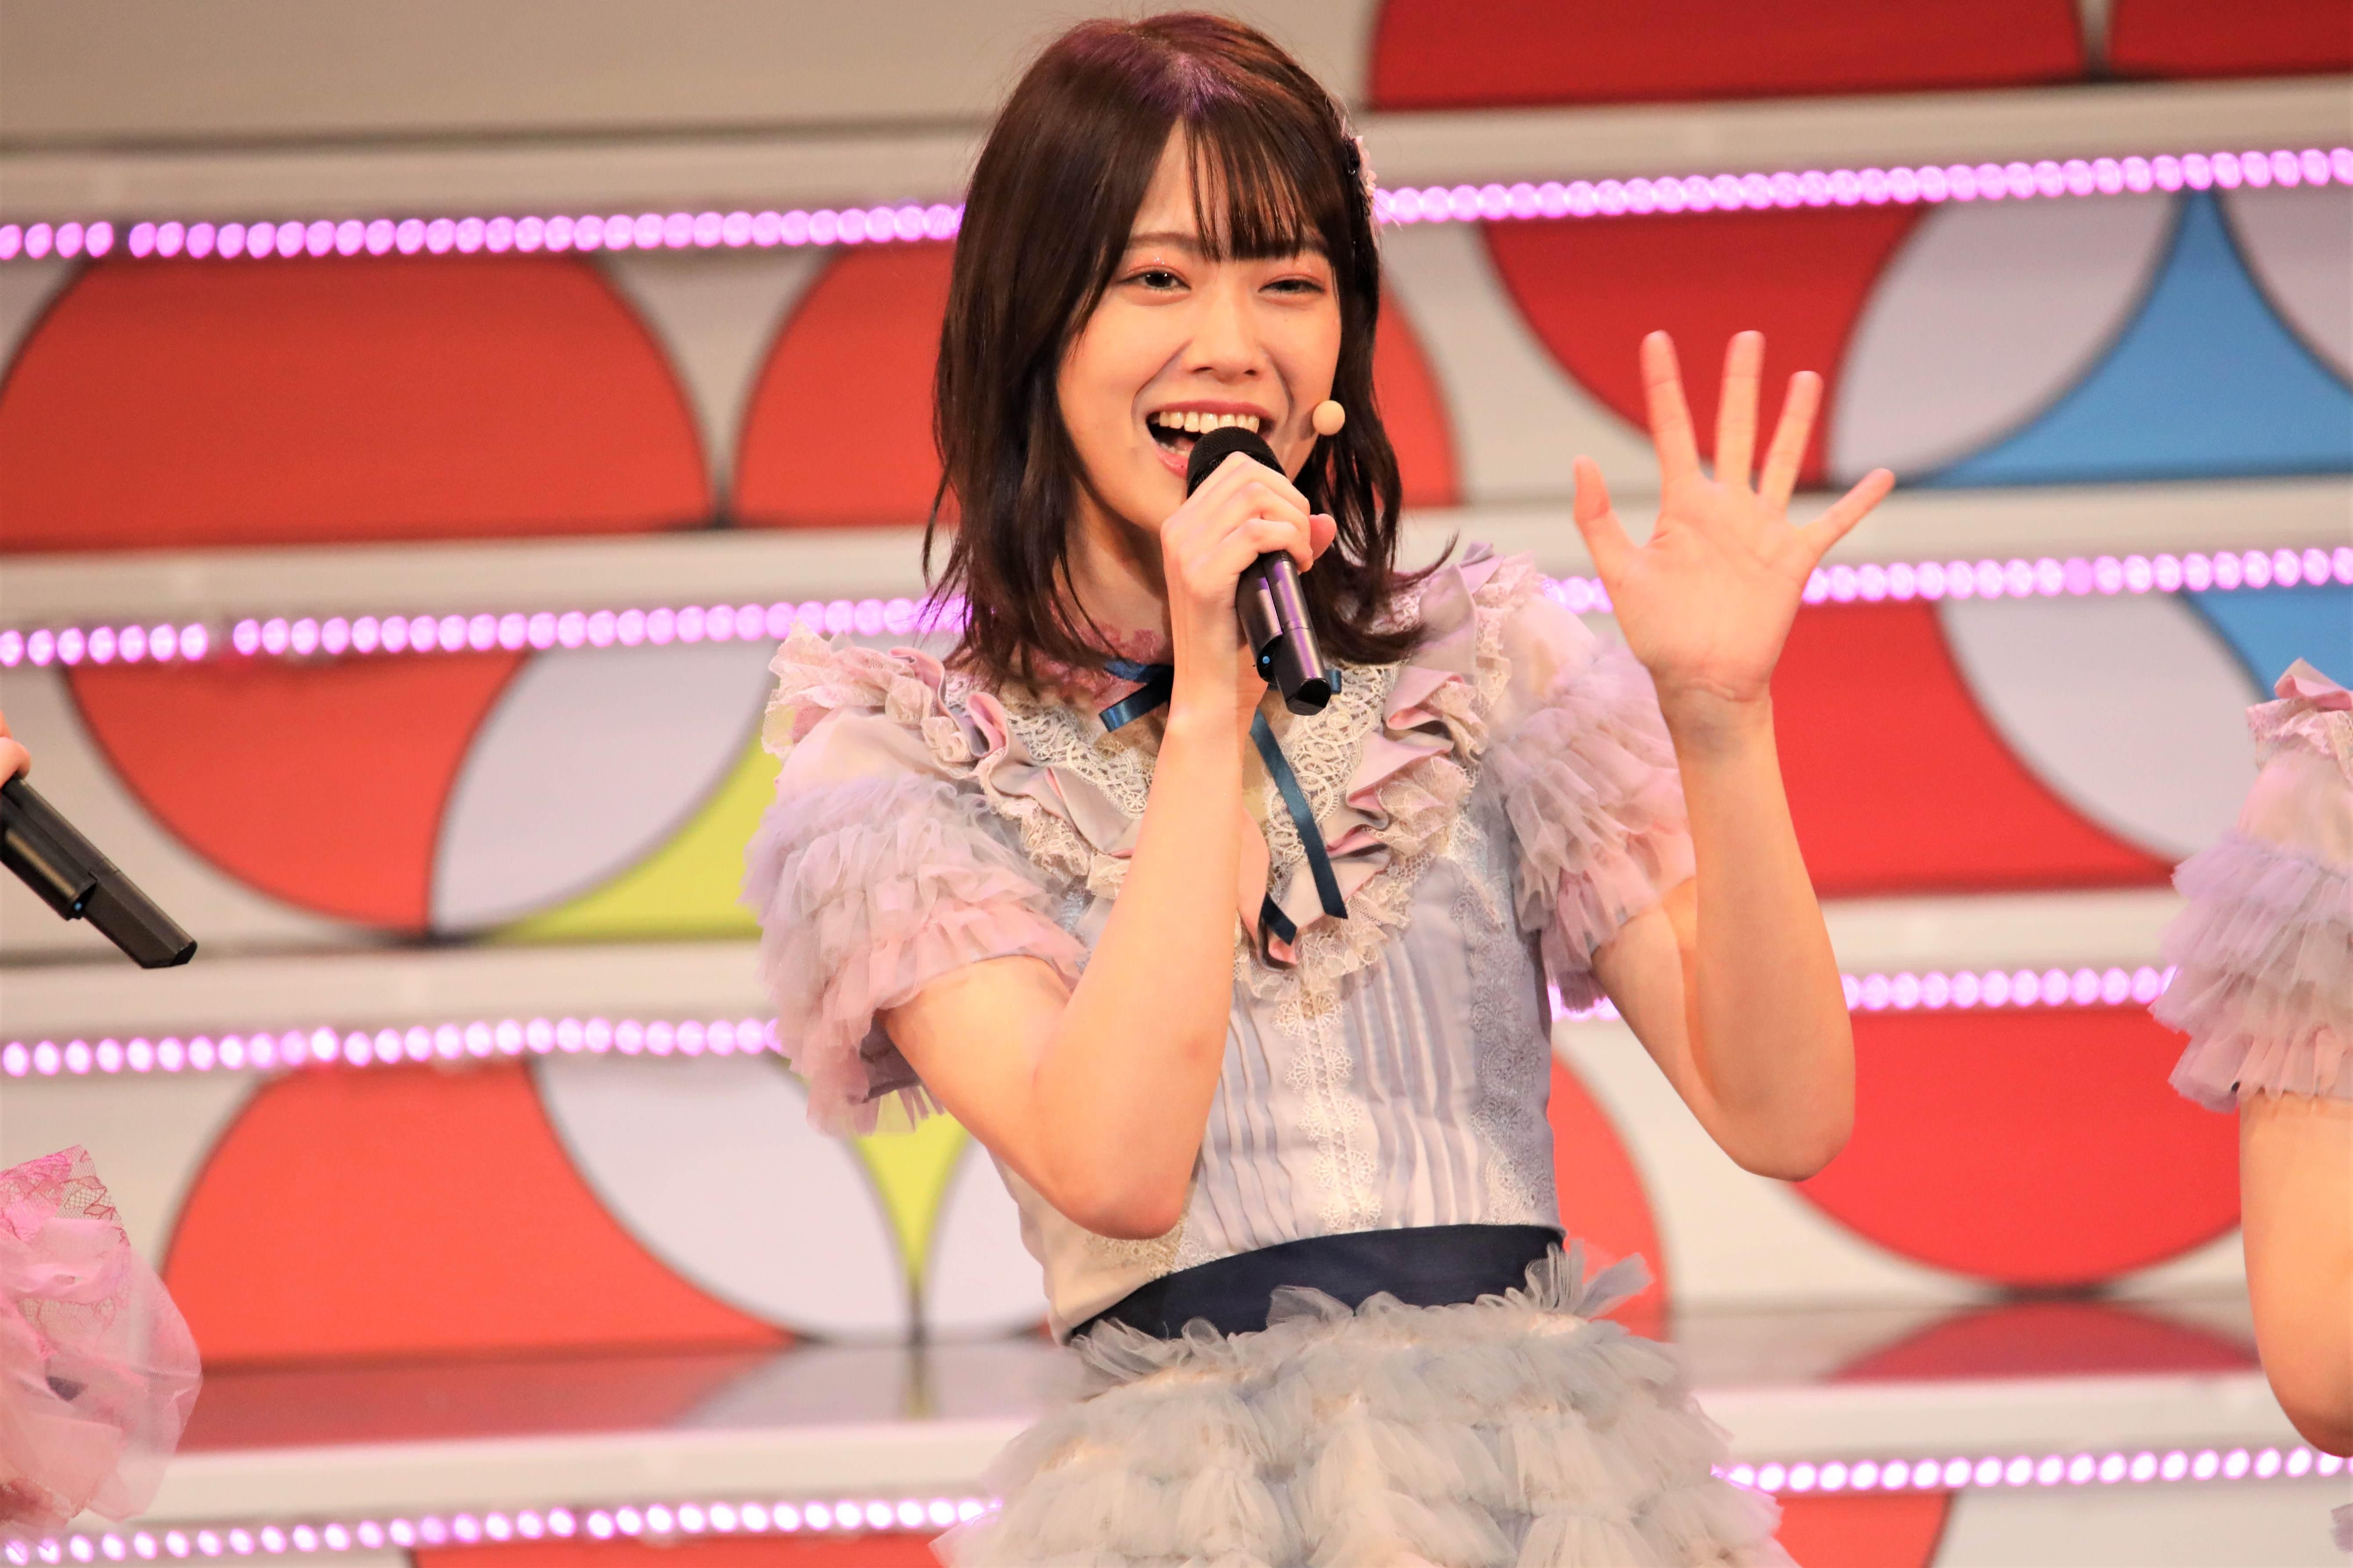 「是非エイトの日、来てください!楽しみにしていてください!」©AKB48 THE AUDISHOW製作委員会 無断アップロード及び転送は一切禁止です。